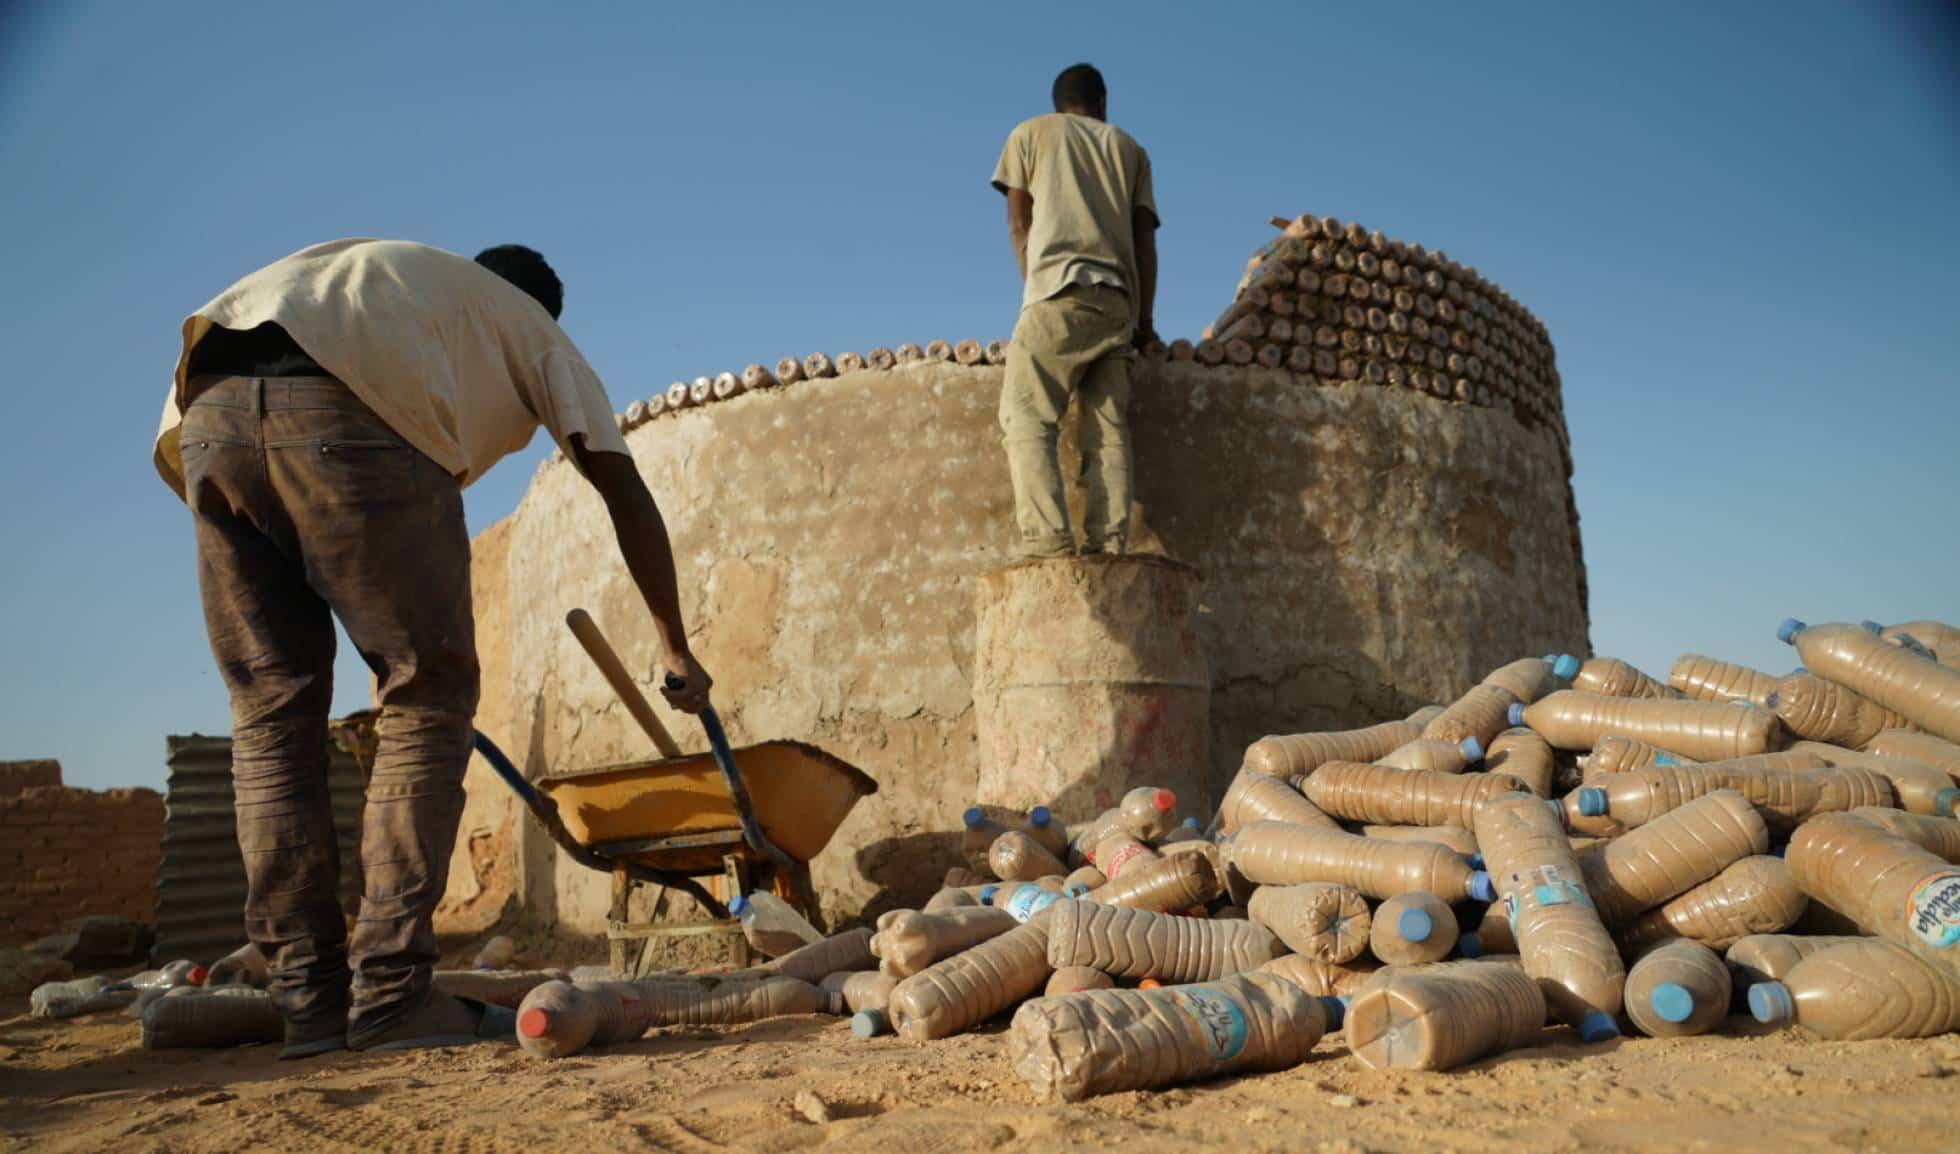 casas para refugiados saharauis 4